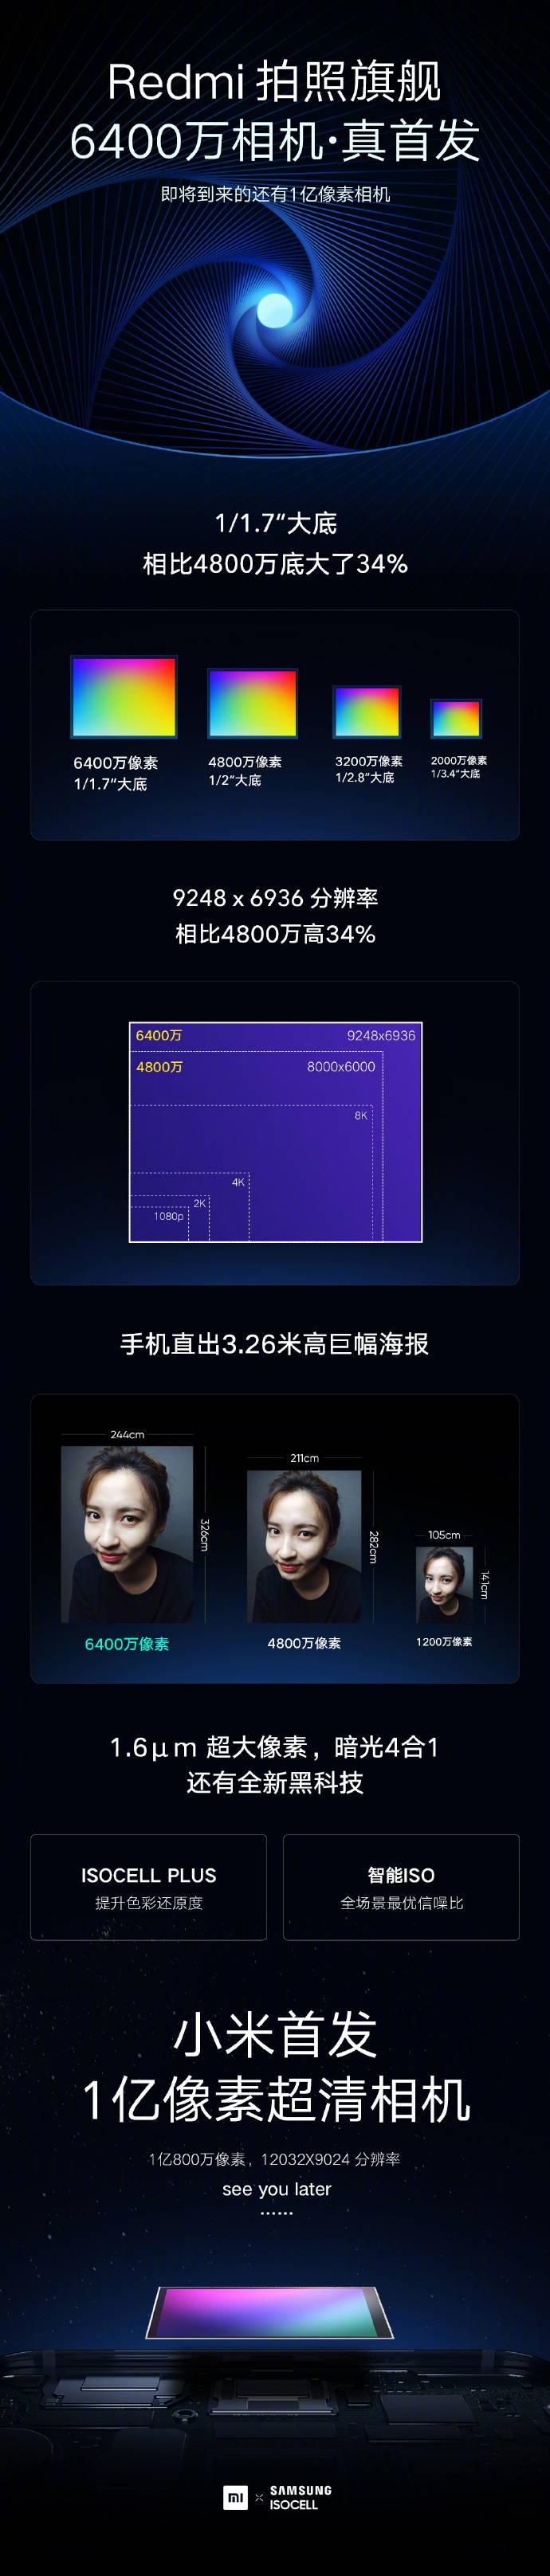 小米举办未来影像技术沟通会 Redmi首发6400万像素超清相机